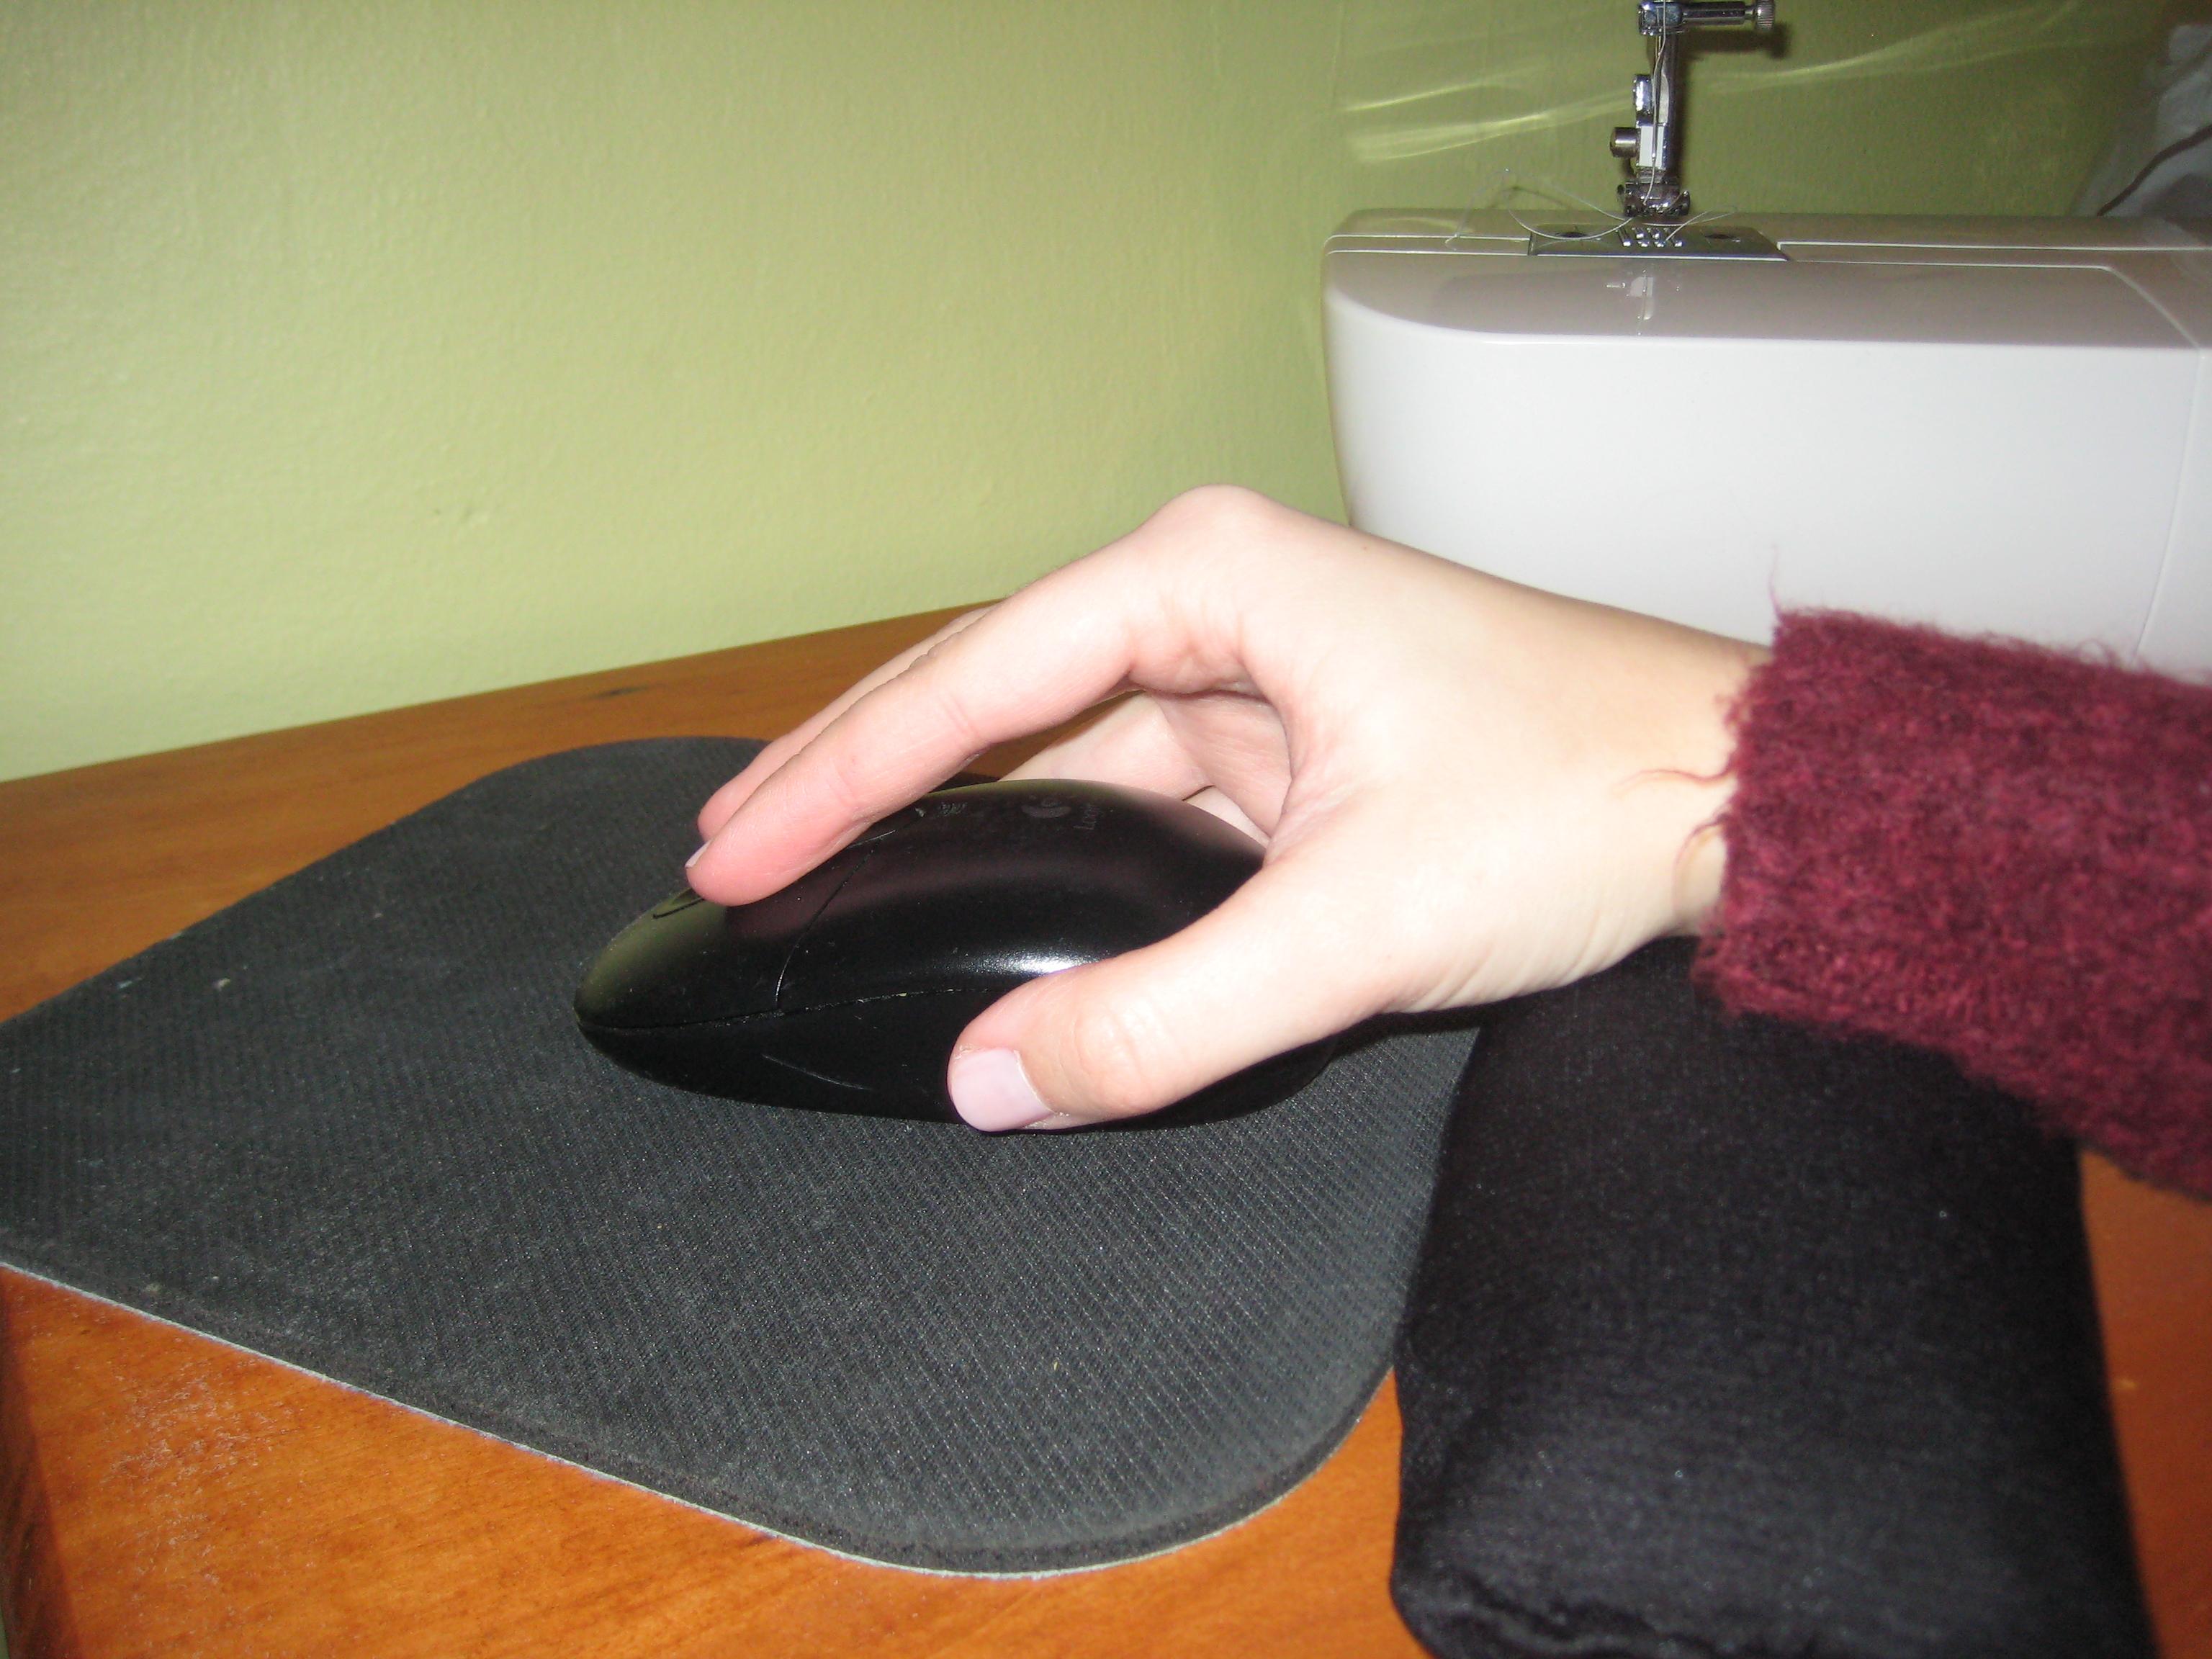 Mouse Pad Wrist-Rest